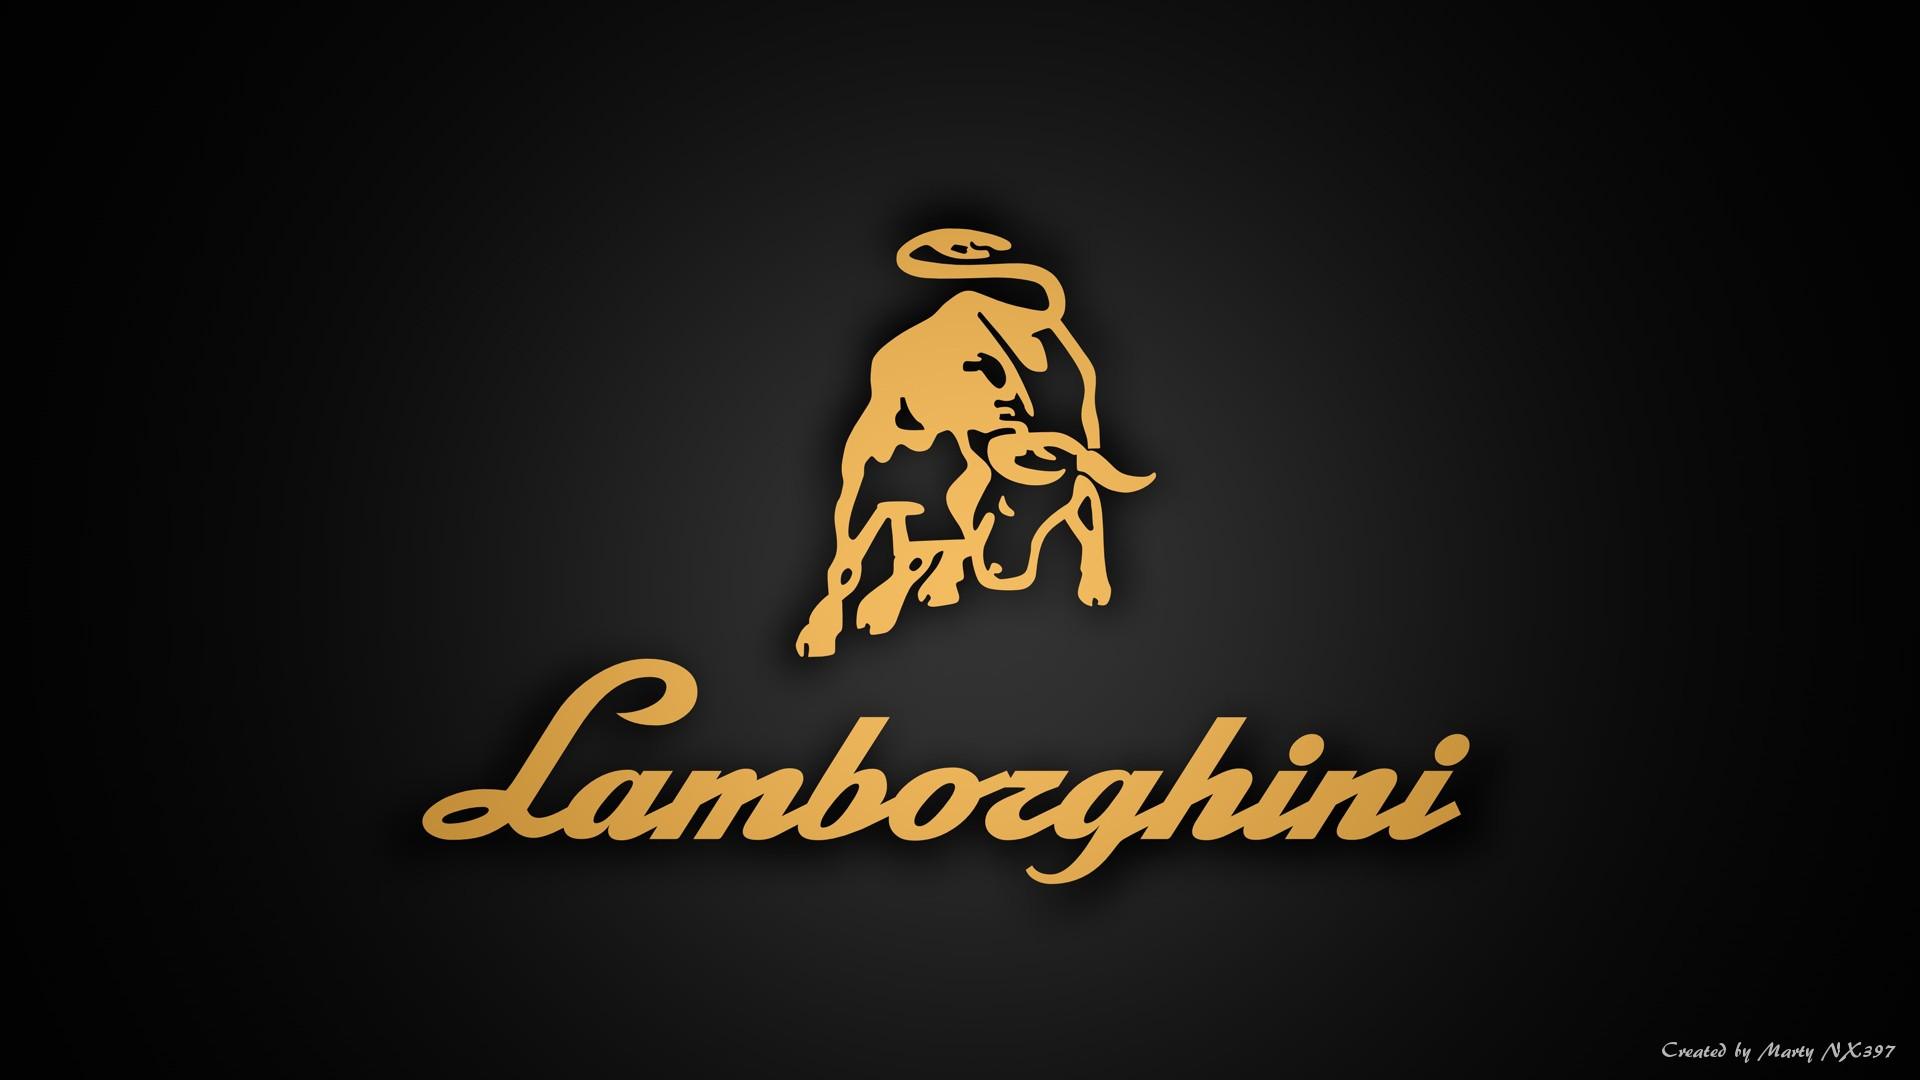 download hd wallpapers of lamborghini cars